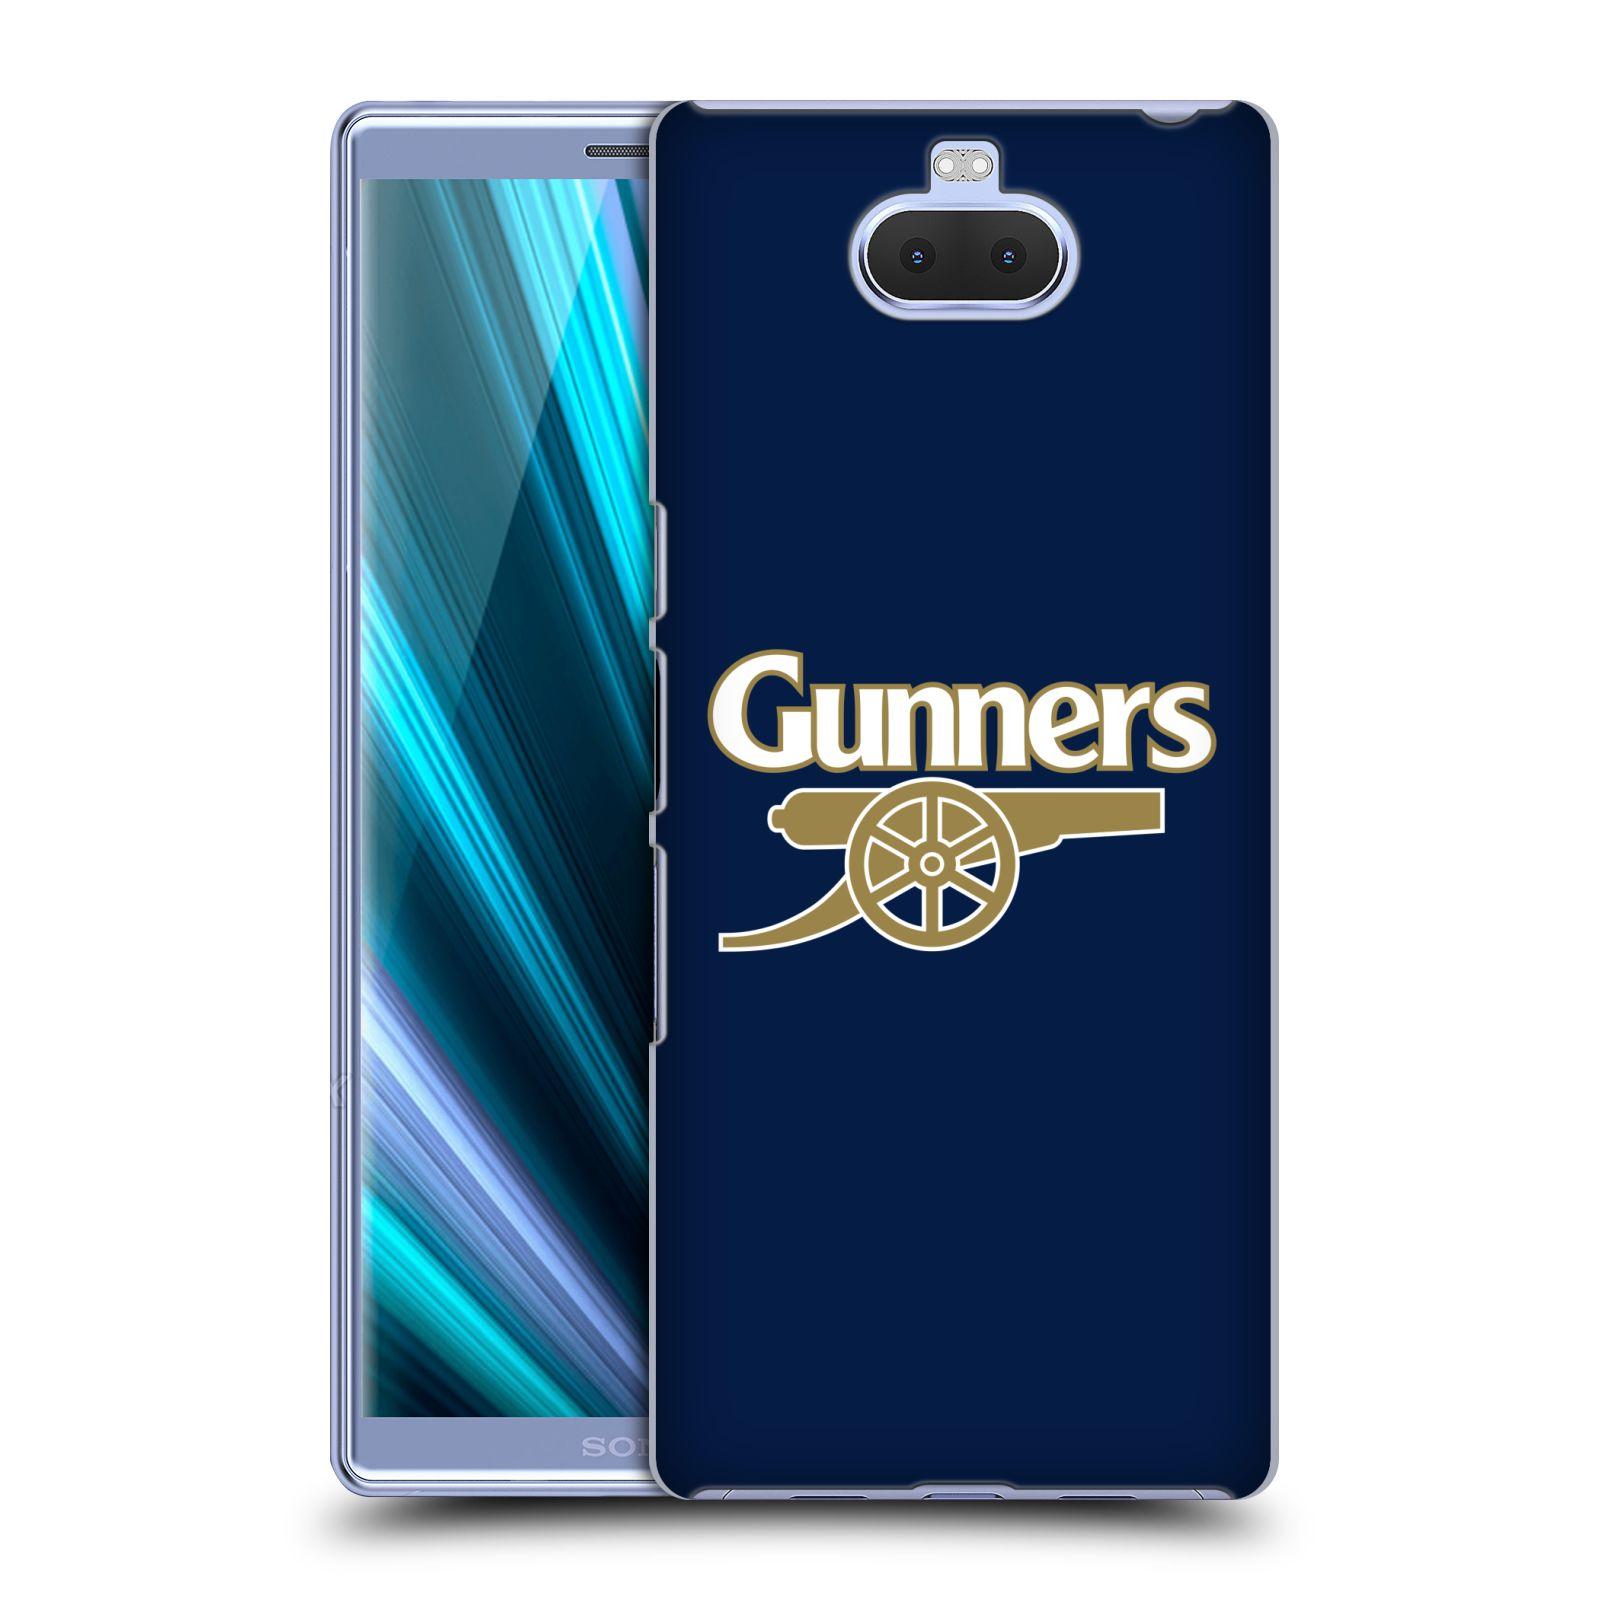 Plastové pouzdro na mobil Sony Xperia 10 - Head Case - Arsenal FC - Gunners